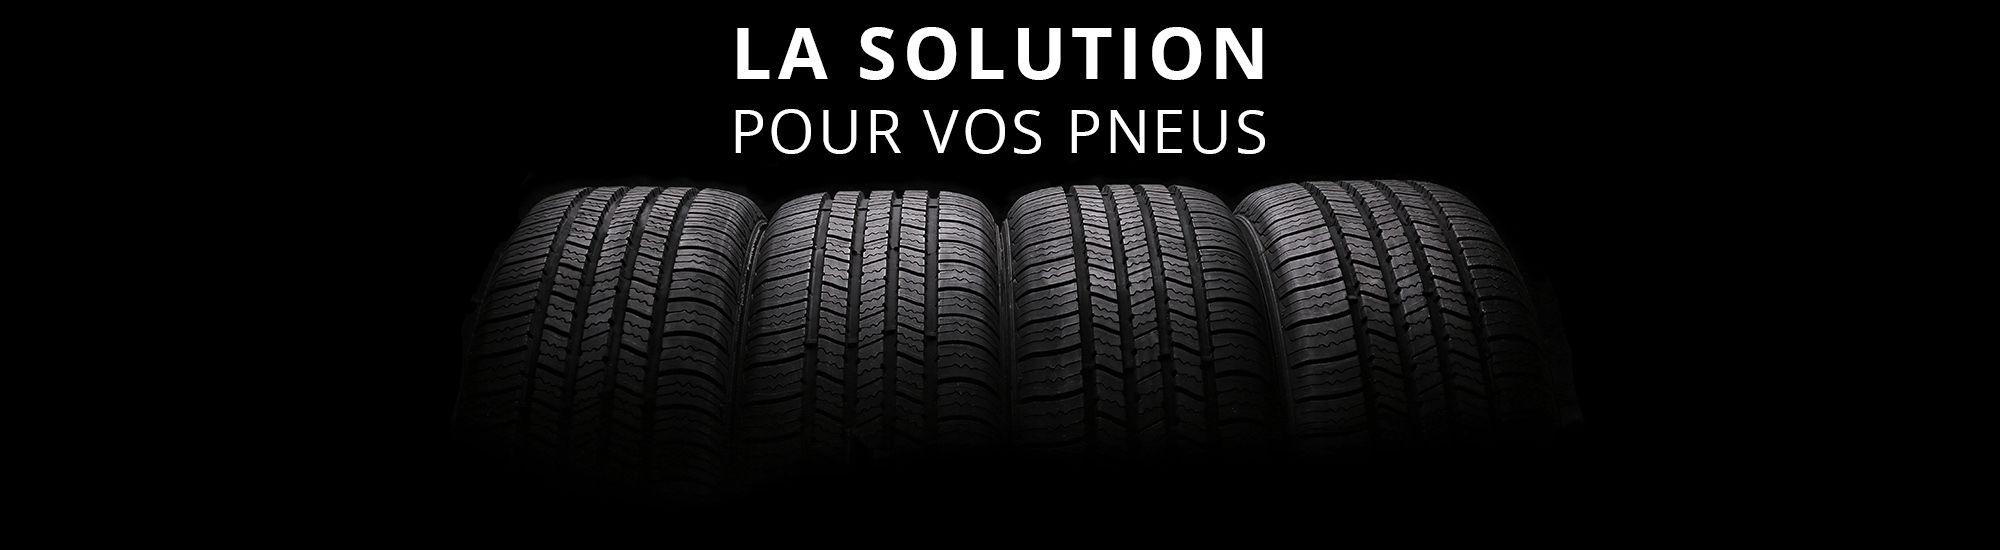 La solution pour vos pneus